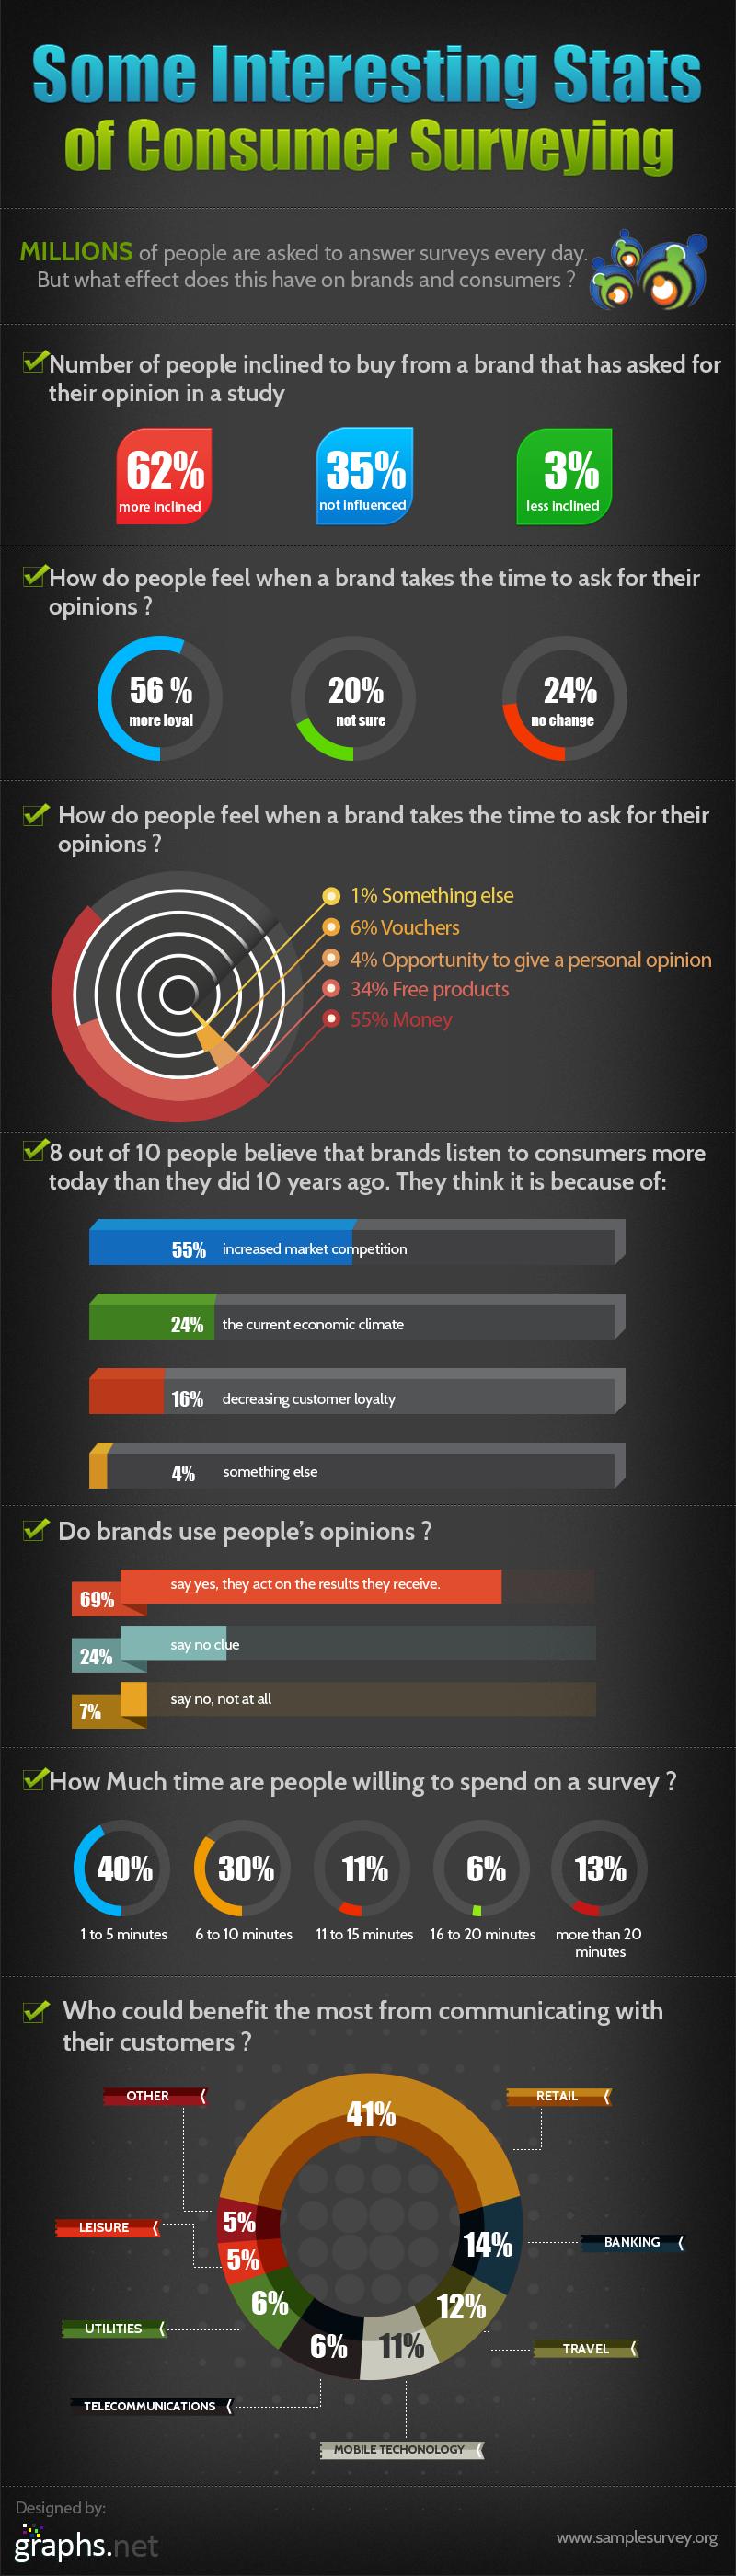 Consumer Survey Statistics